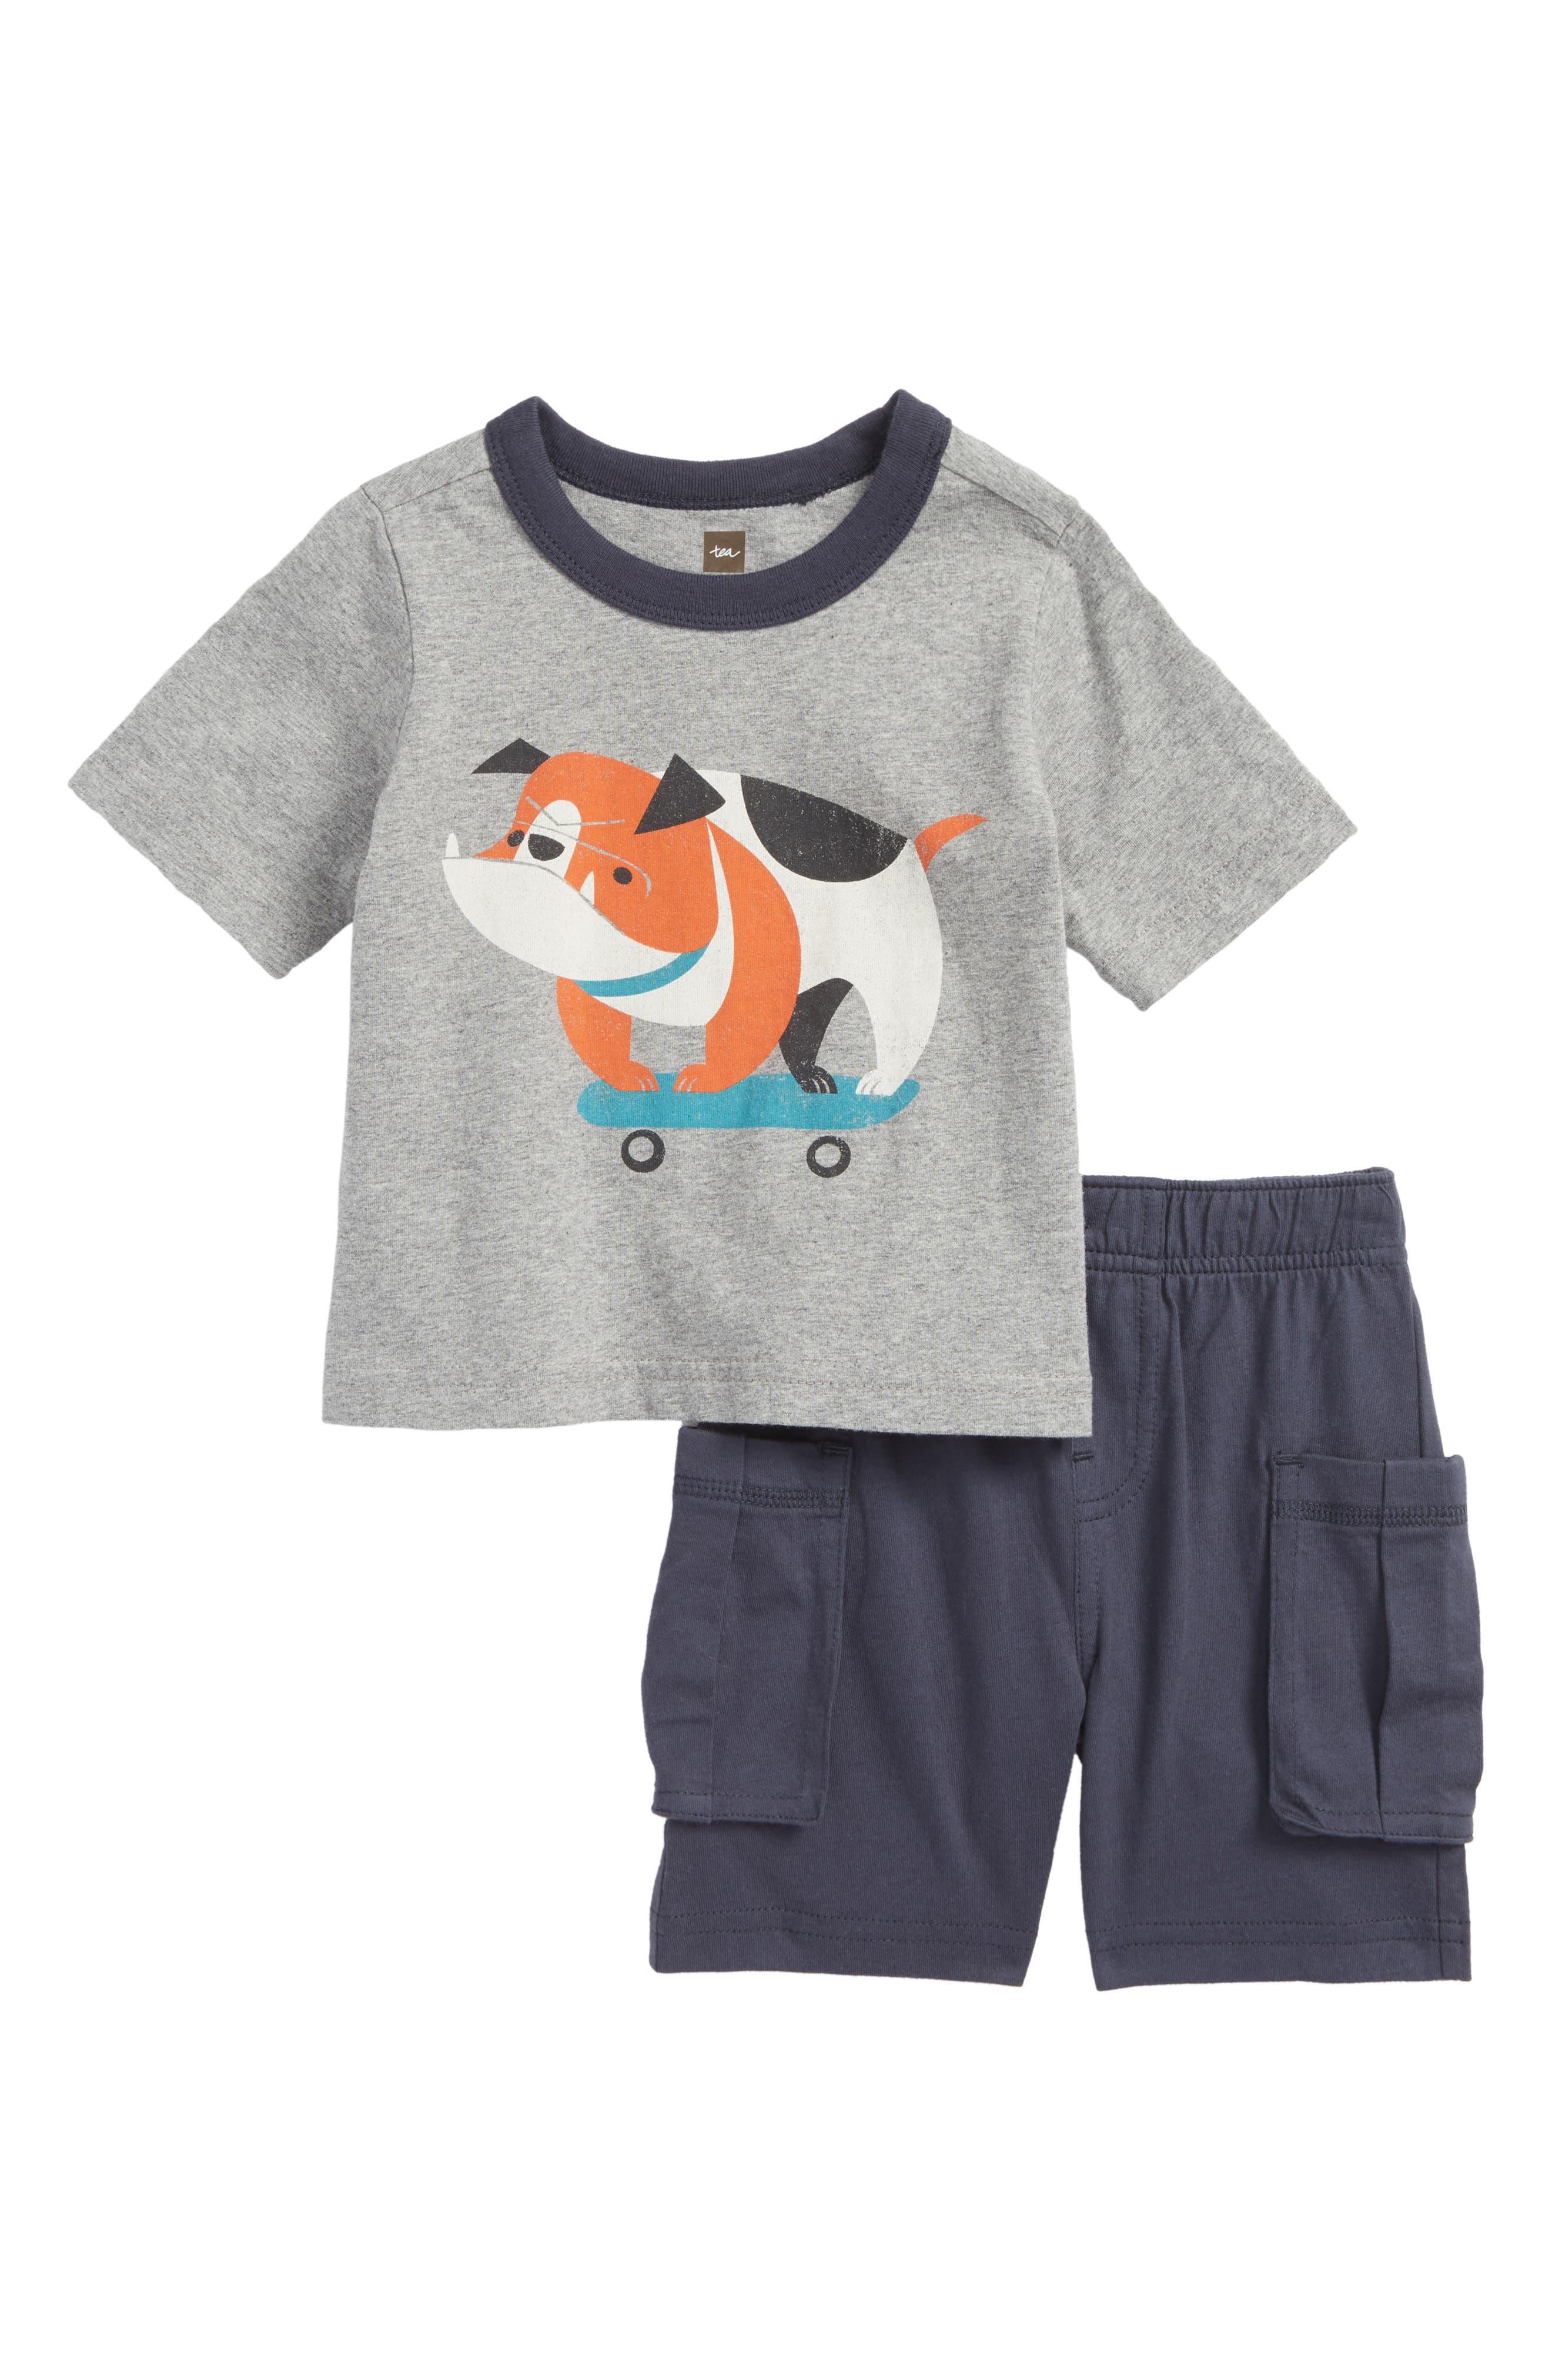 Skating Bulldog Top & Shorts Set,                         Main,                         color, 035